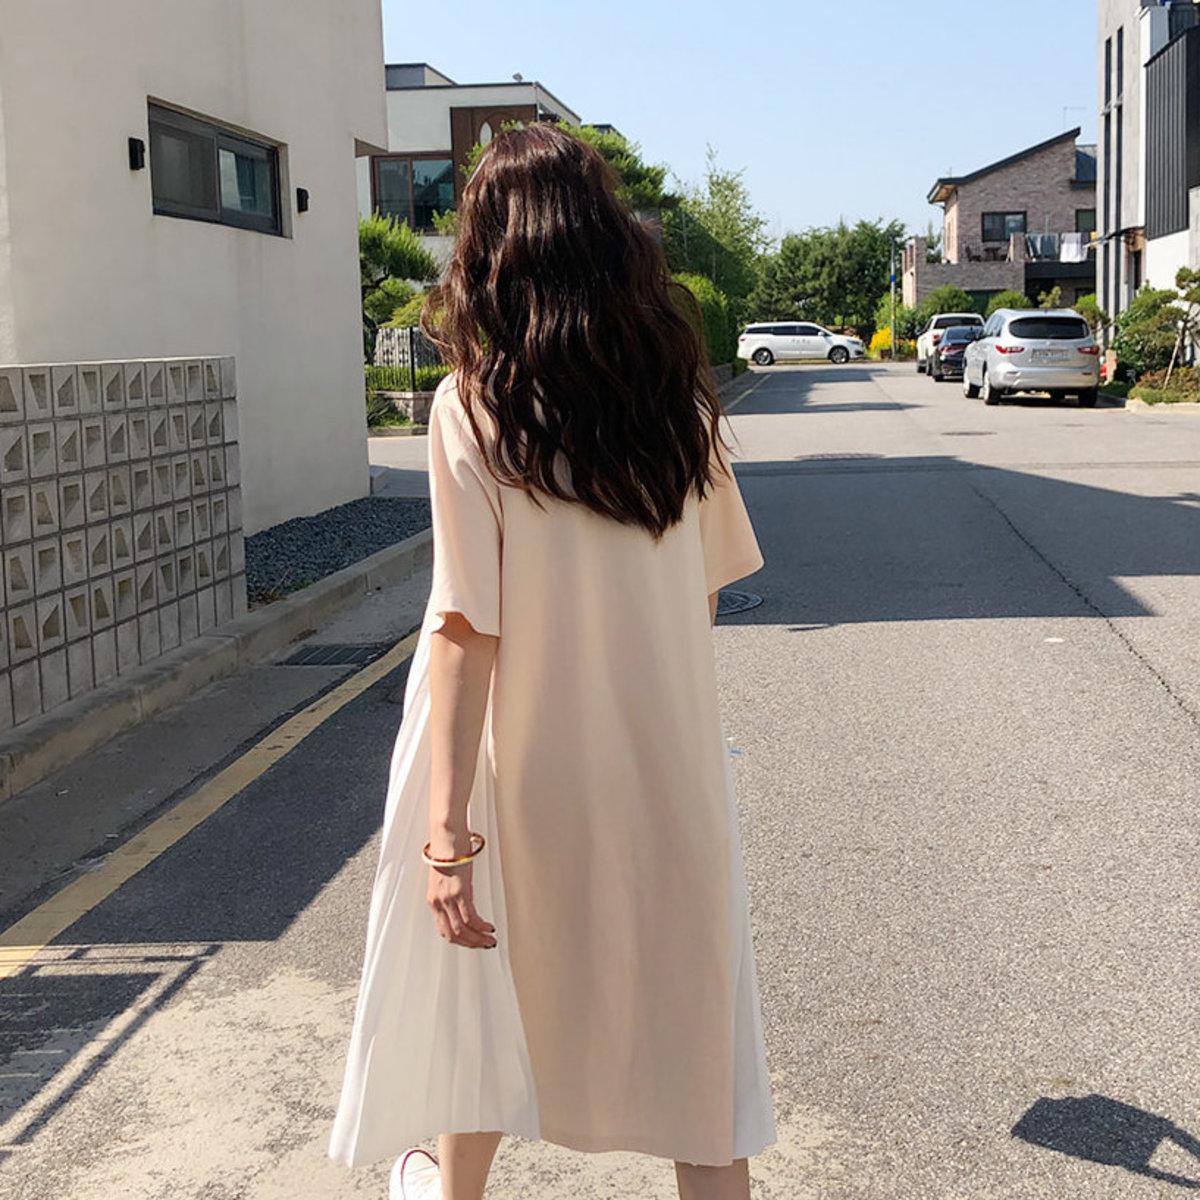 褶皺短袖篷鬆連身裙